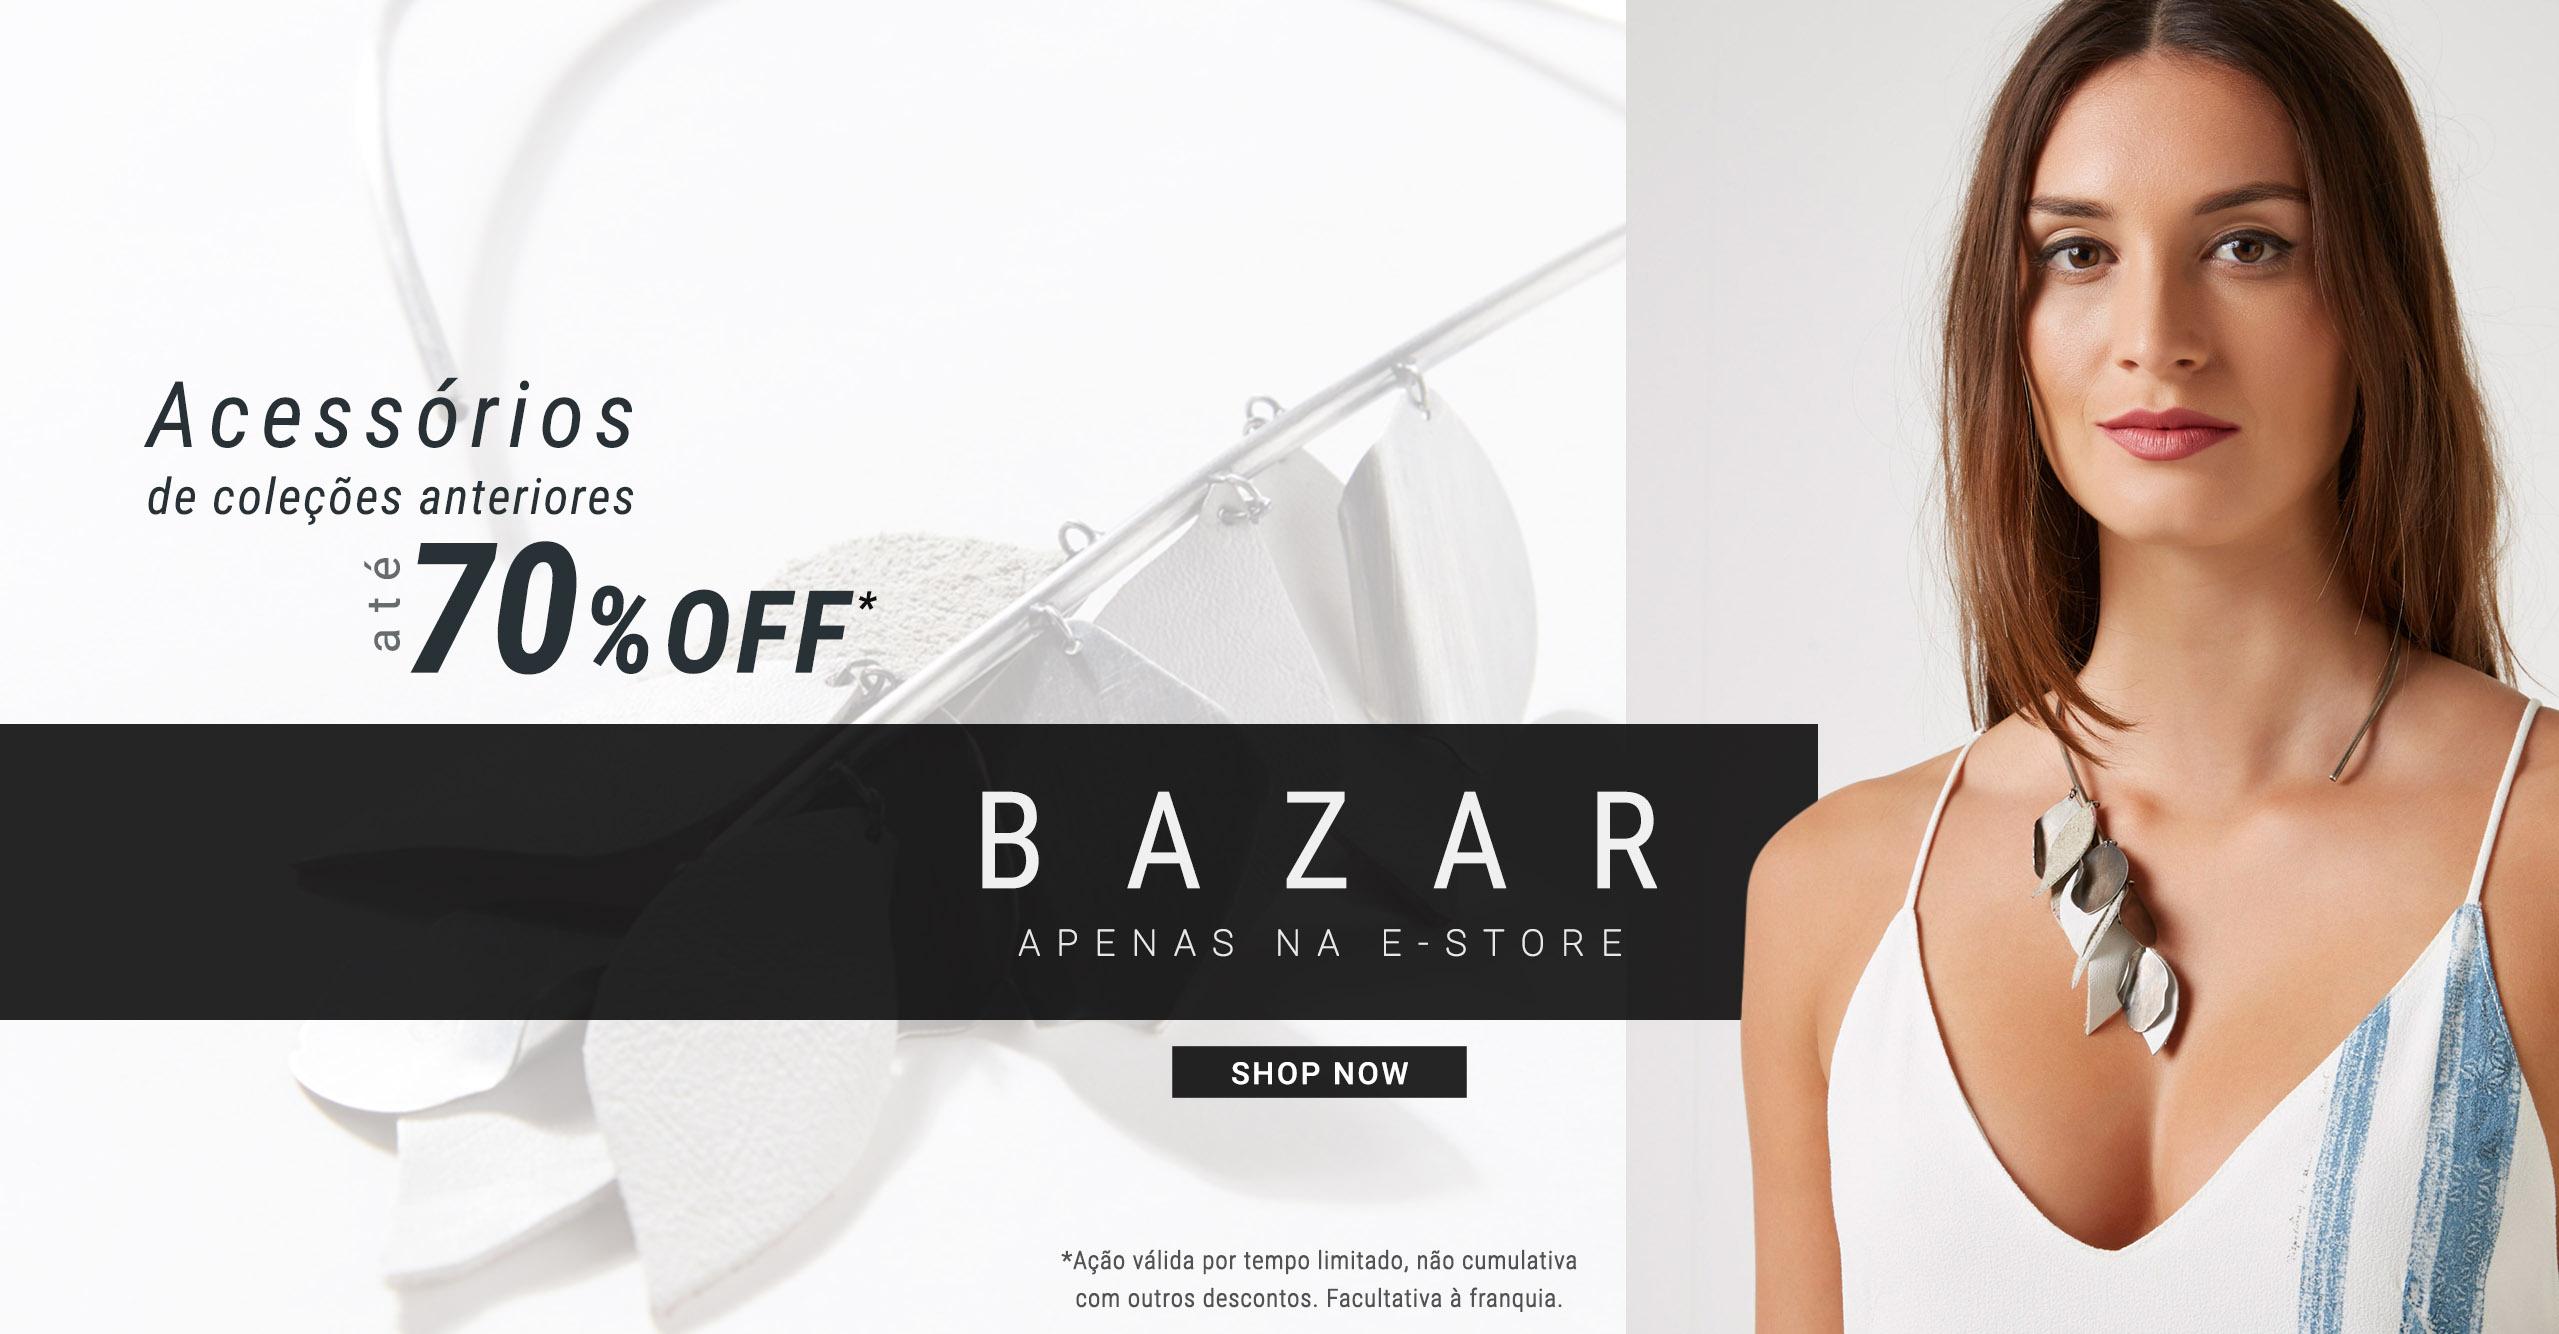 01- Acessórios/Bazar  = CLARO